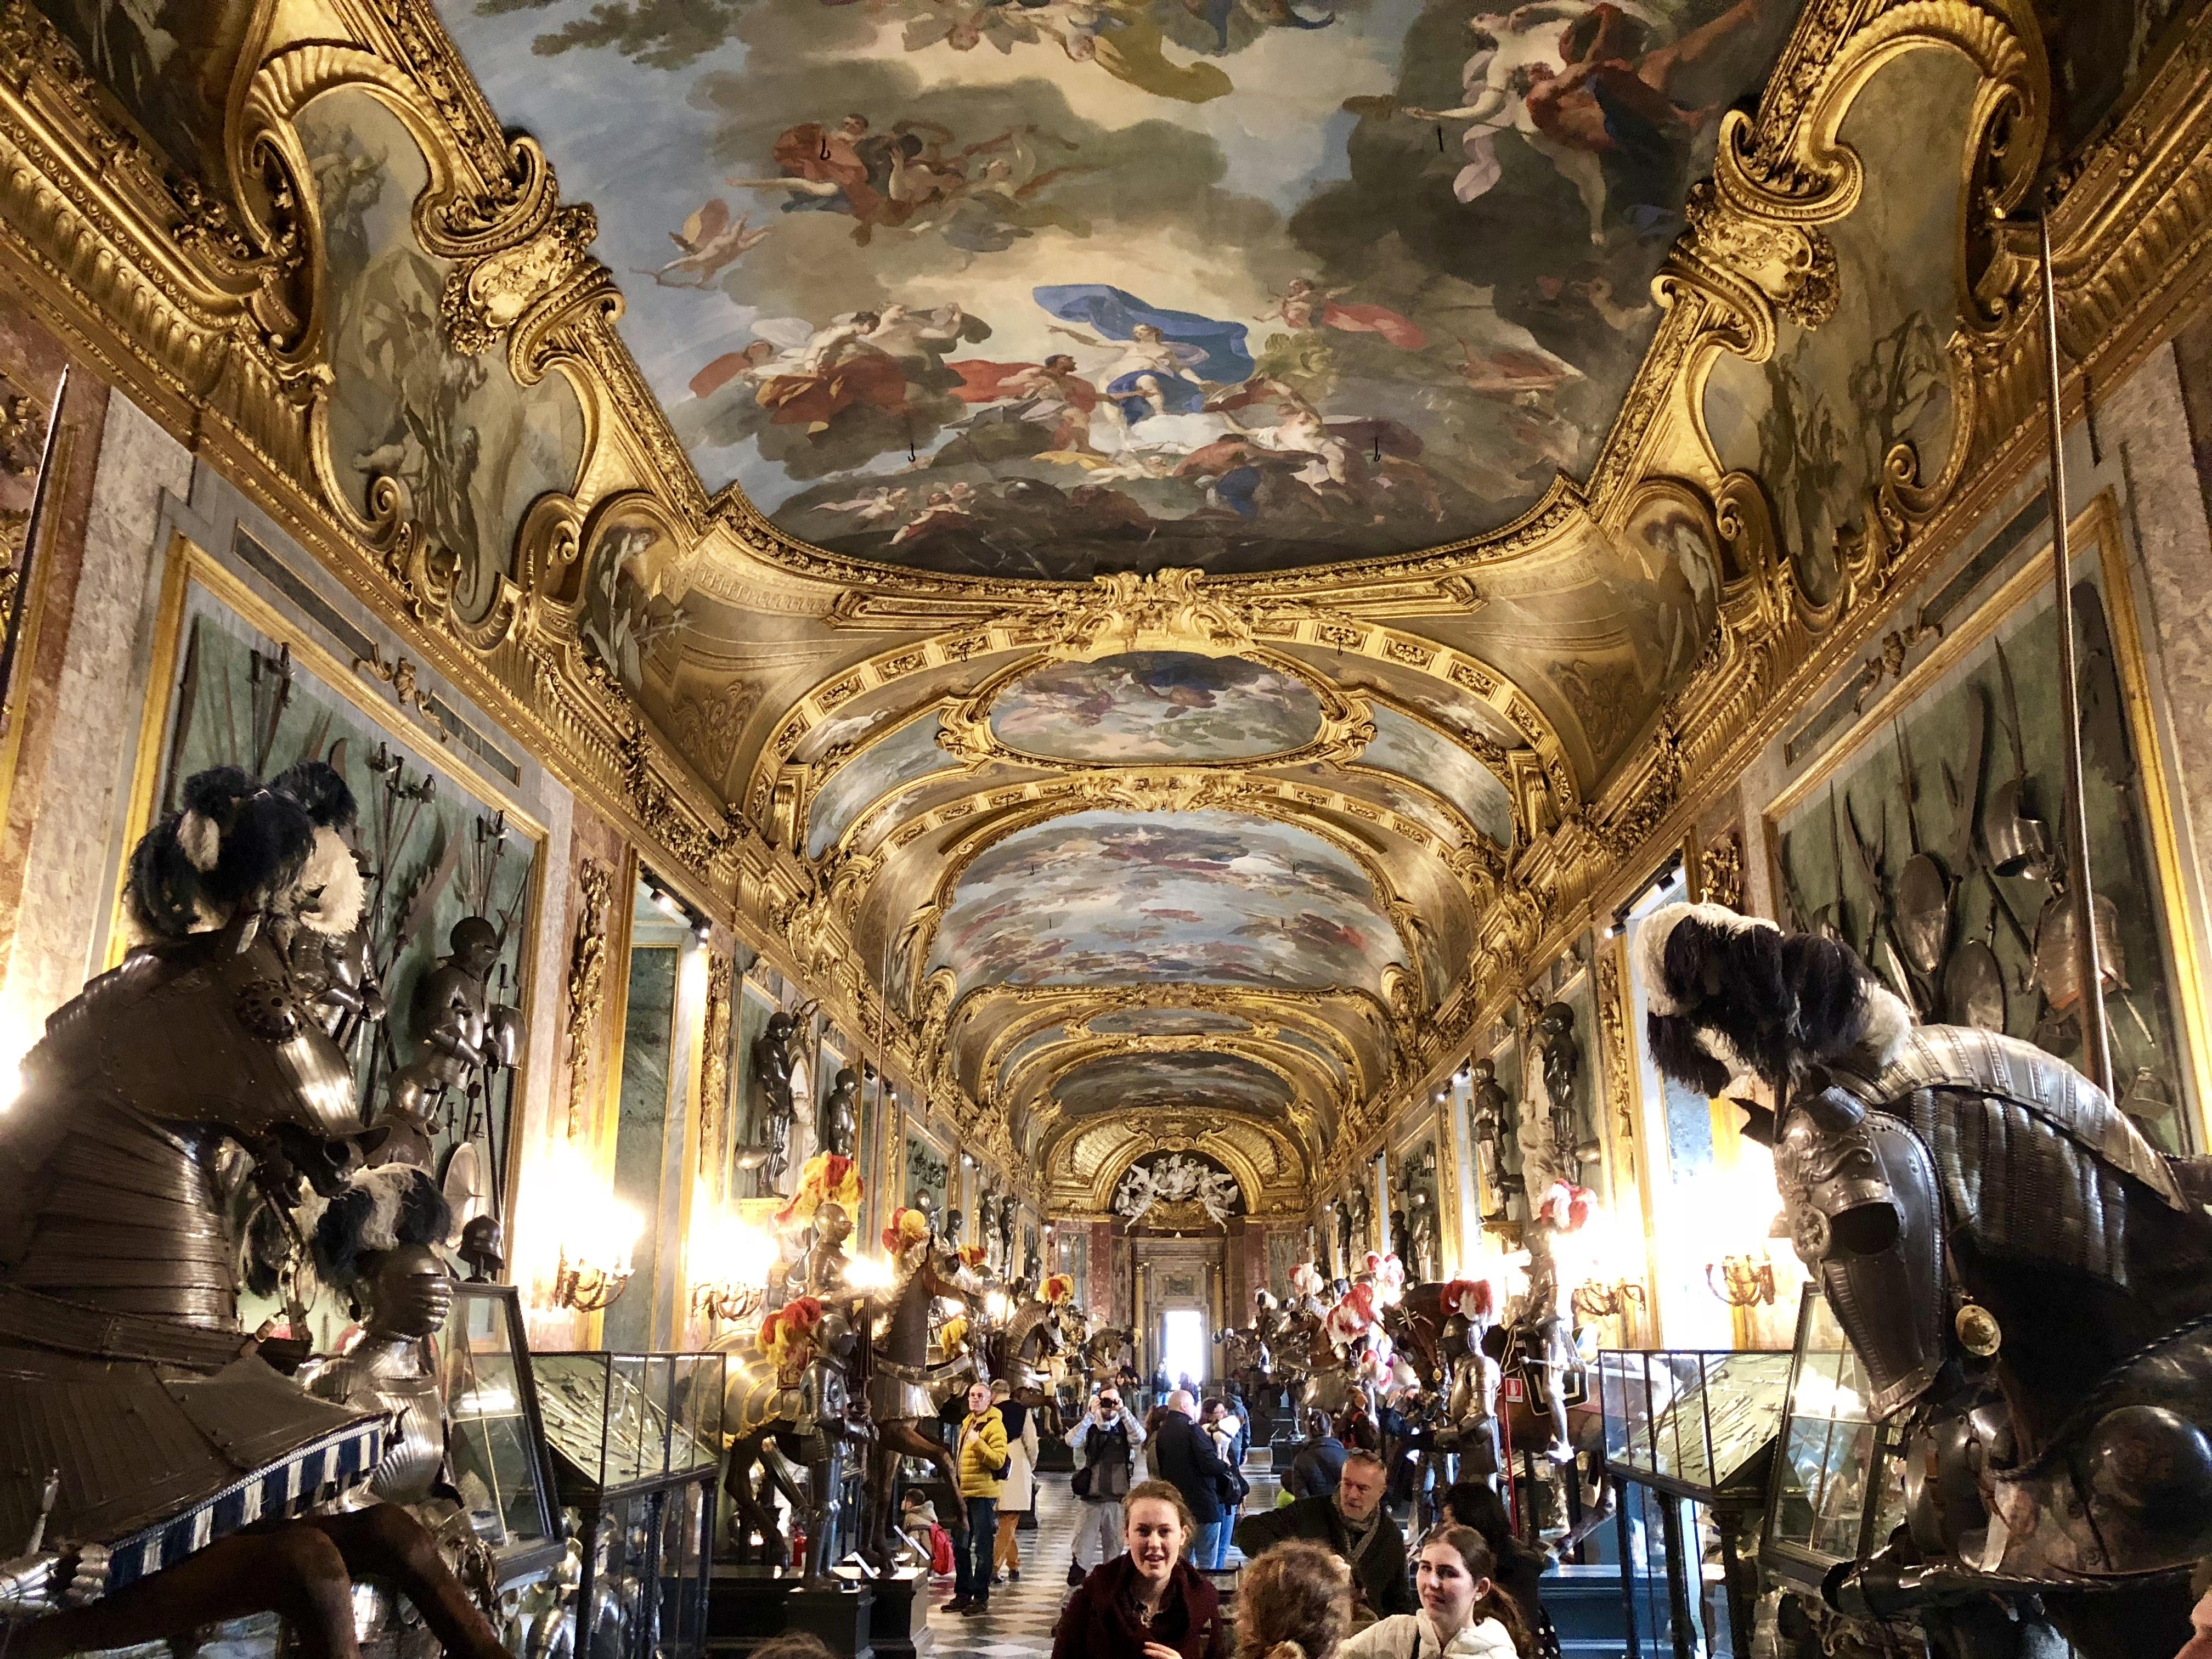 Royal Palace Armoury Torino Italy